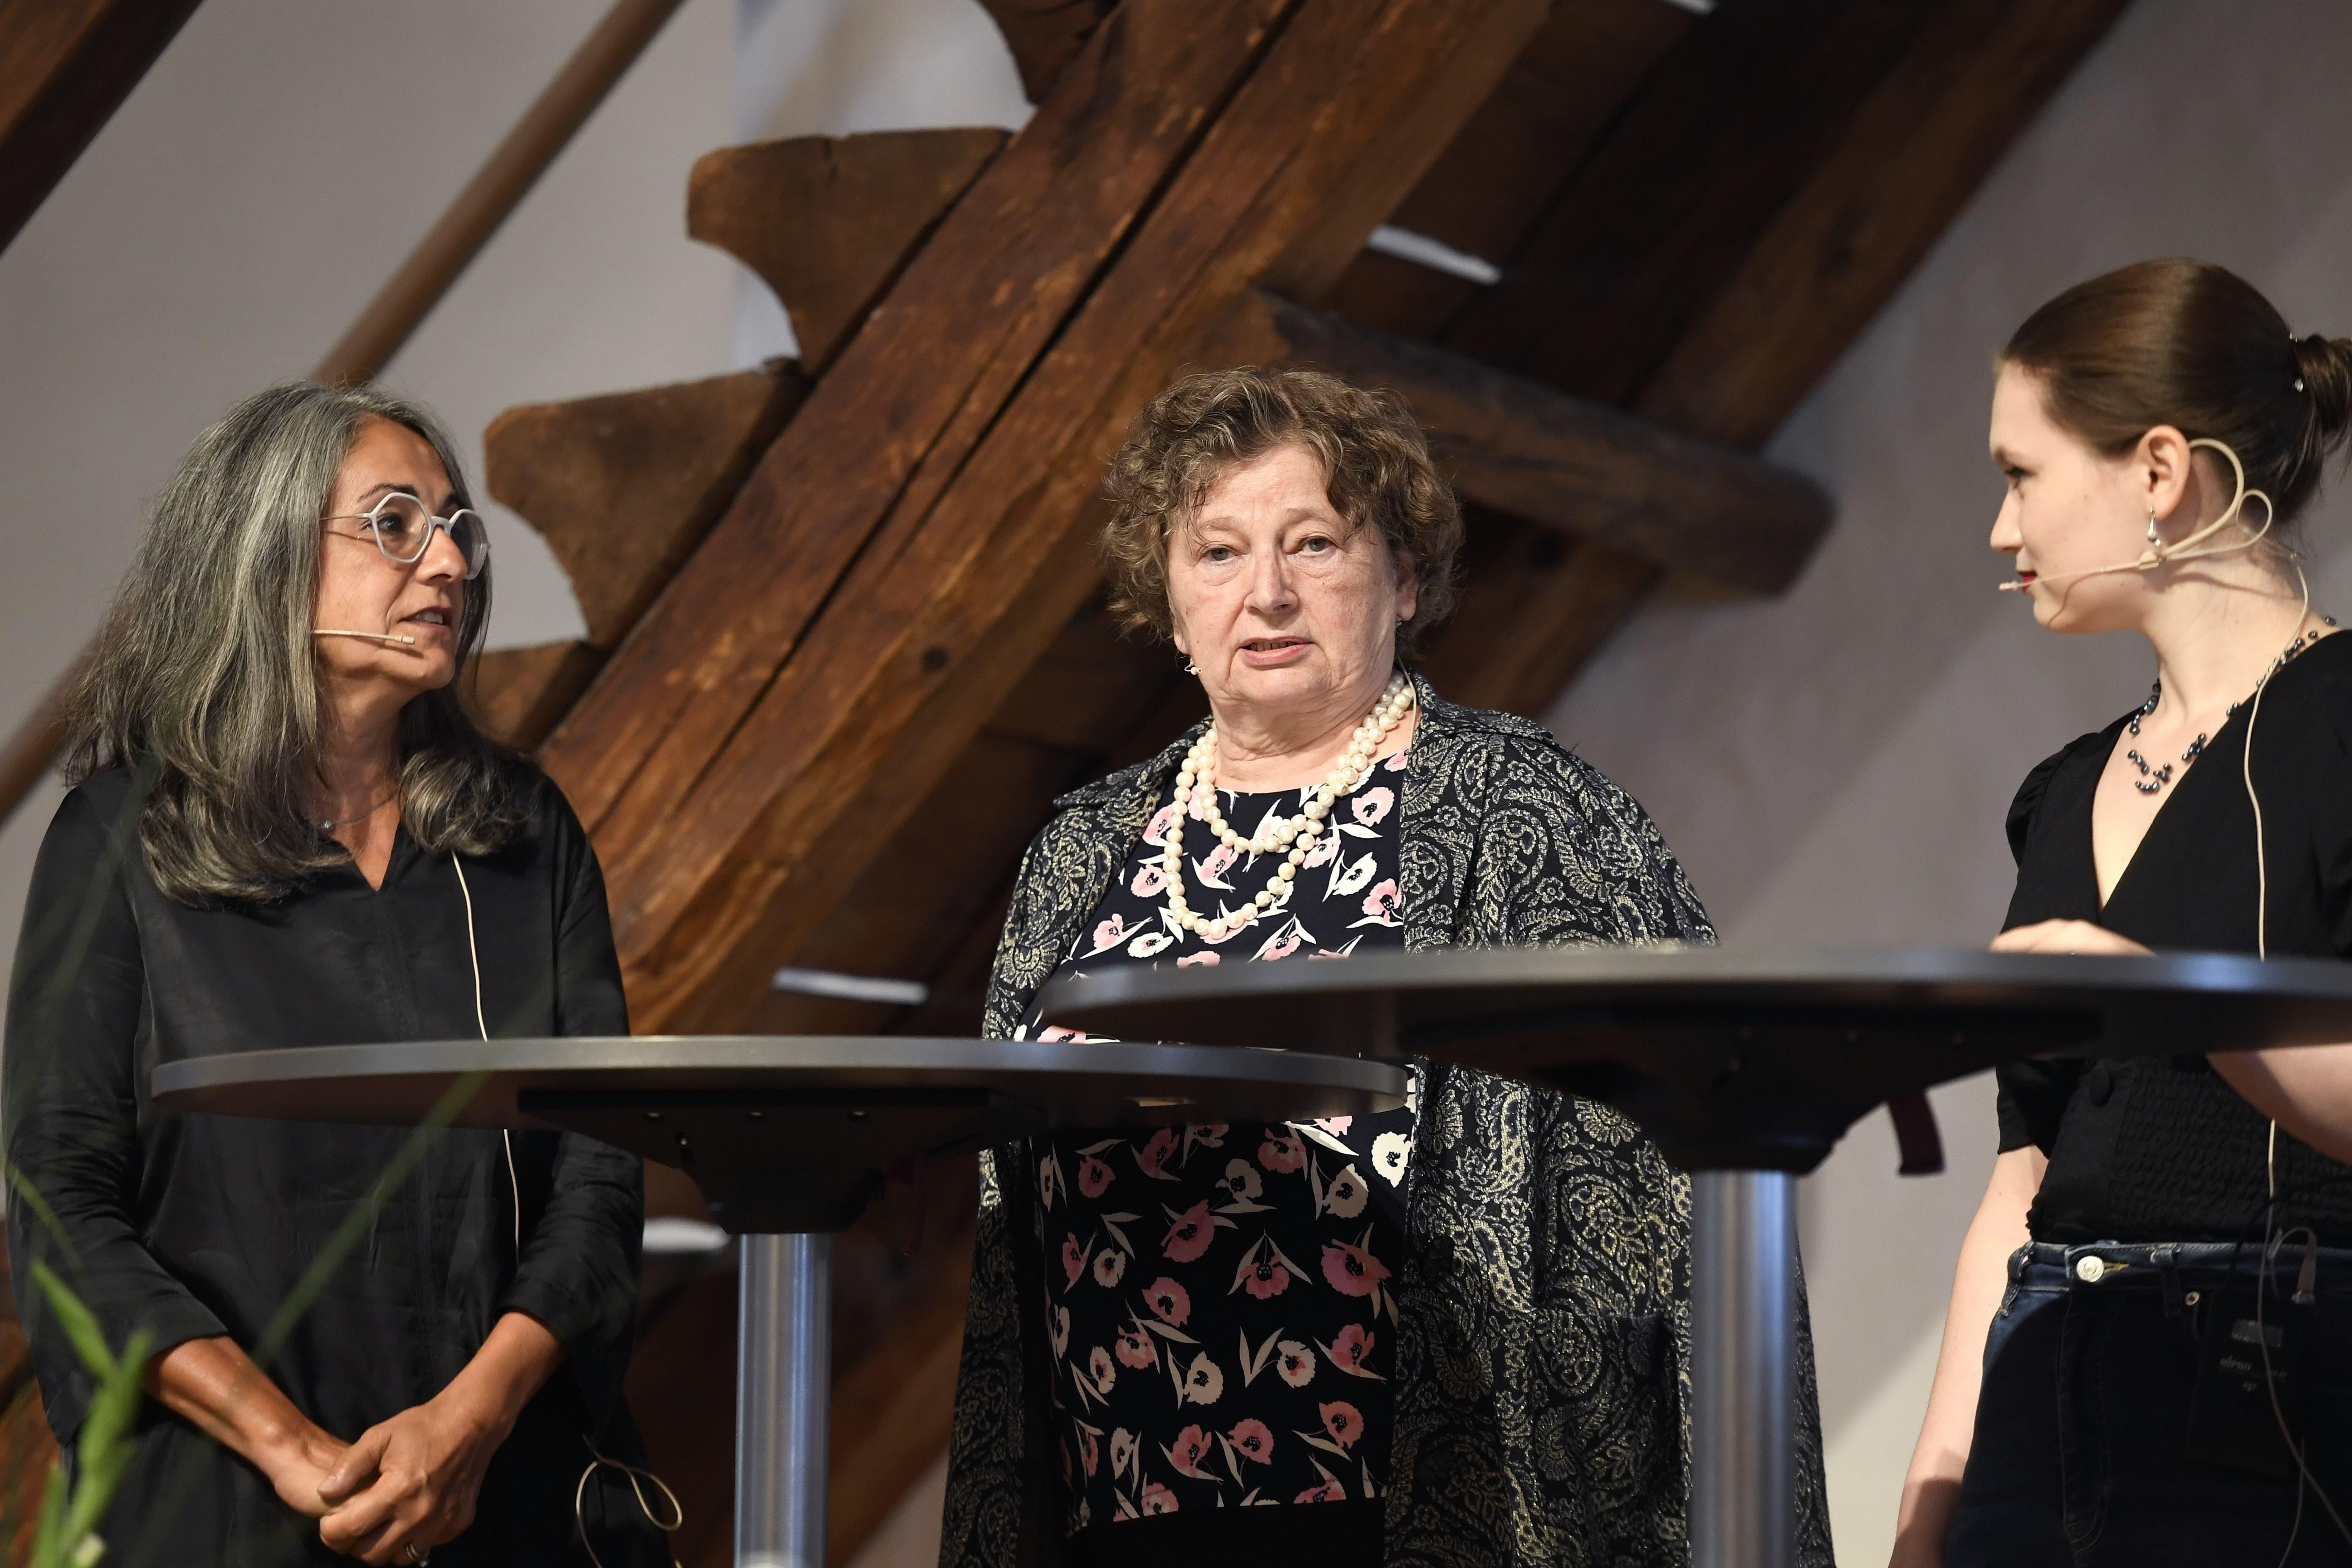 Von links nach rechts: Kathrin Scholl (alt Stadträtin und ehemalige Grossratspräsidentin, SP), Marianne Tribaldos (alt Einwohnerratspräsidentin, Die Mitte) und Anna Staub (Kampagnenleiterin und Vorstandsmitglied der Jungfreisinnigen Aargau) waren zum Podium anlässlich der Bundesfeier 2021 eingeladen.